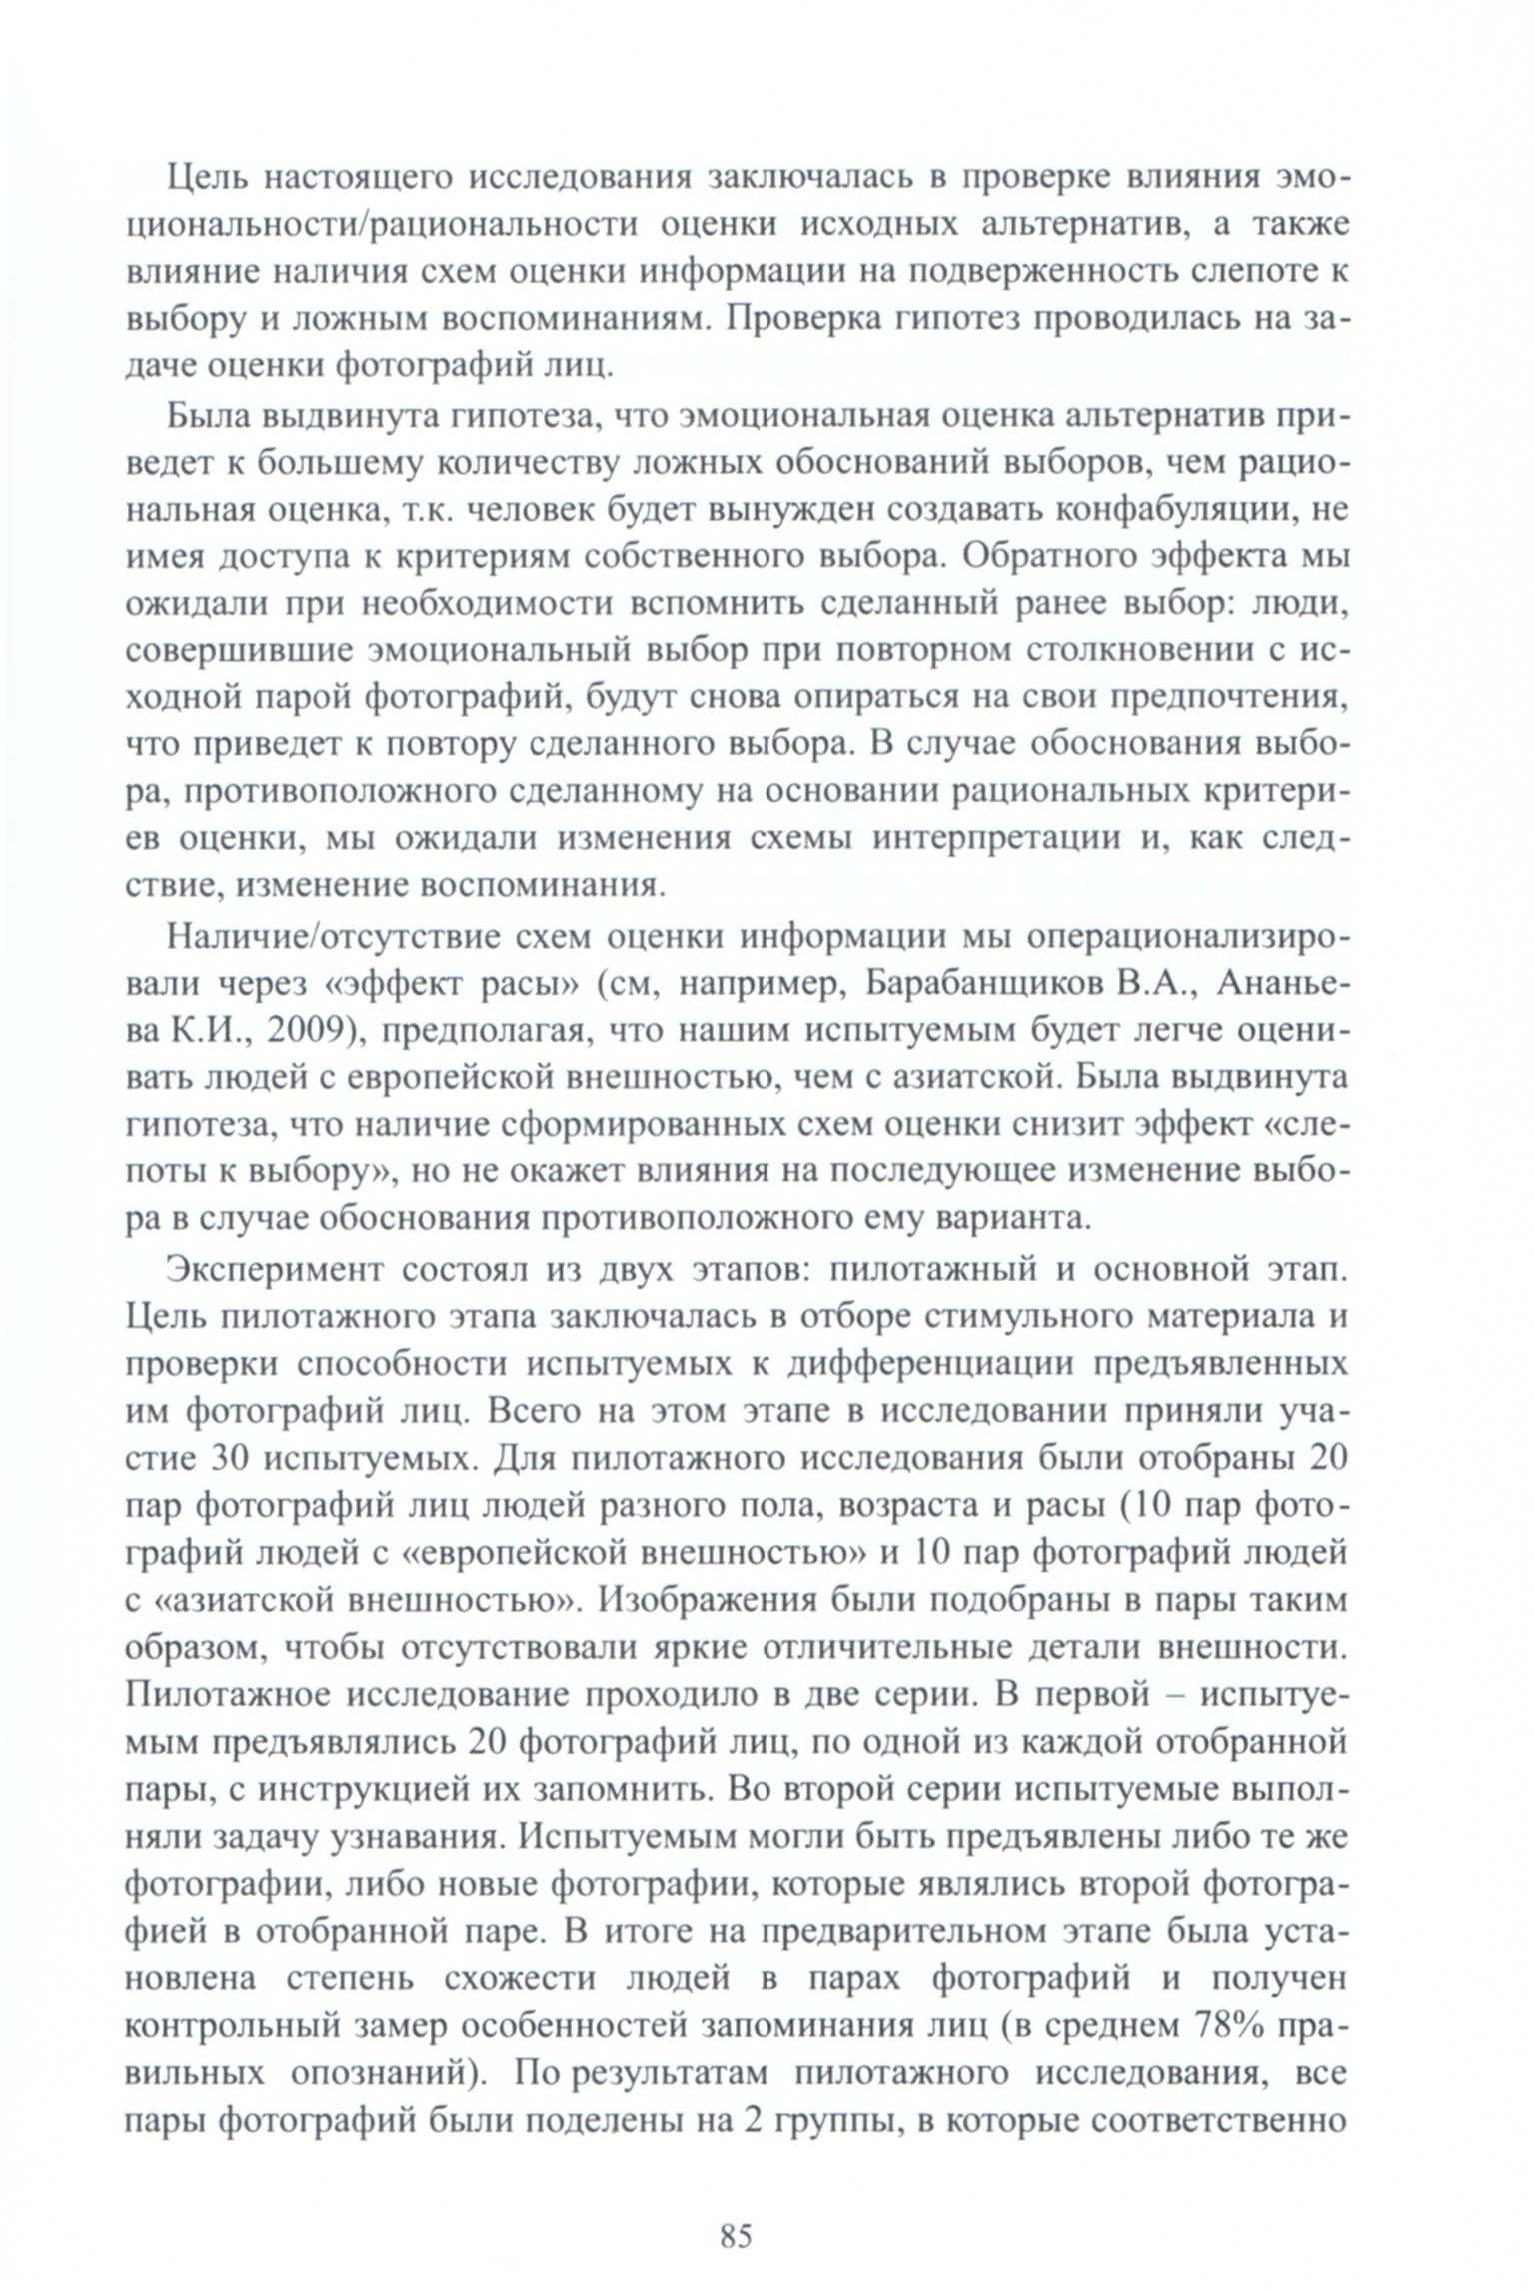 тезисы Гершкович_Савиных (1)-3